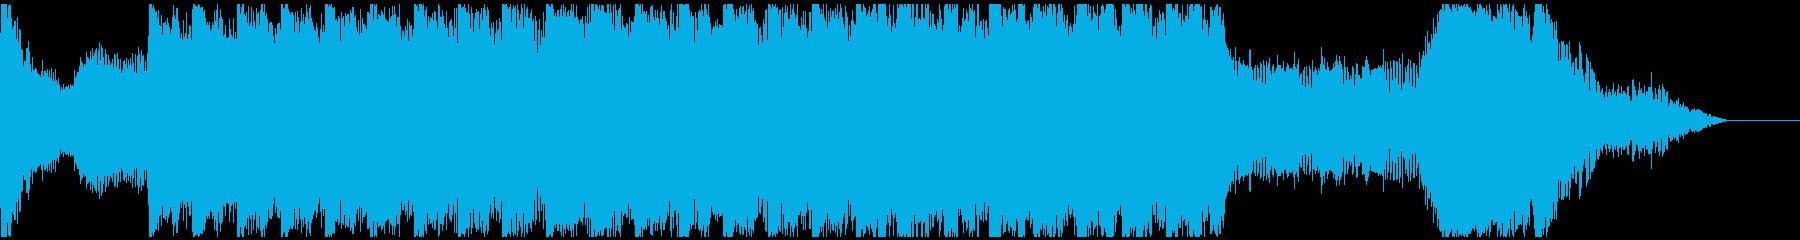 テクノ ハードコア 実験的な バト...の再生済みの波形